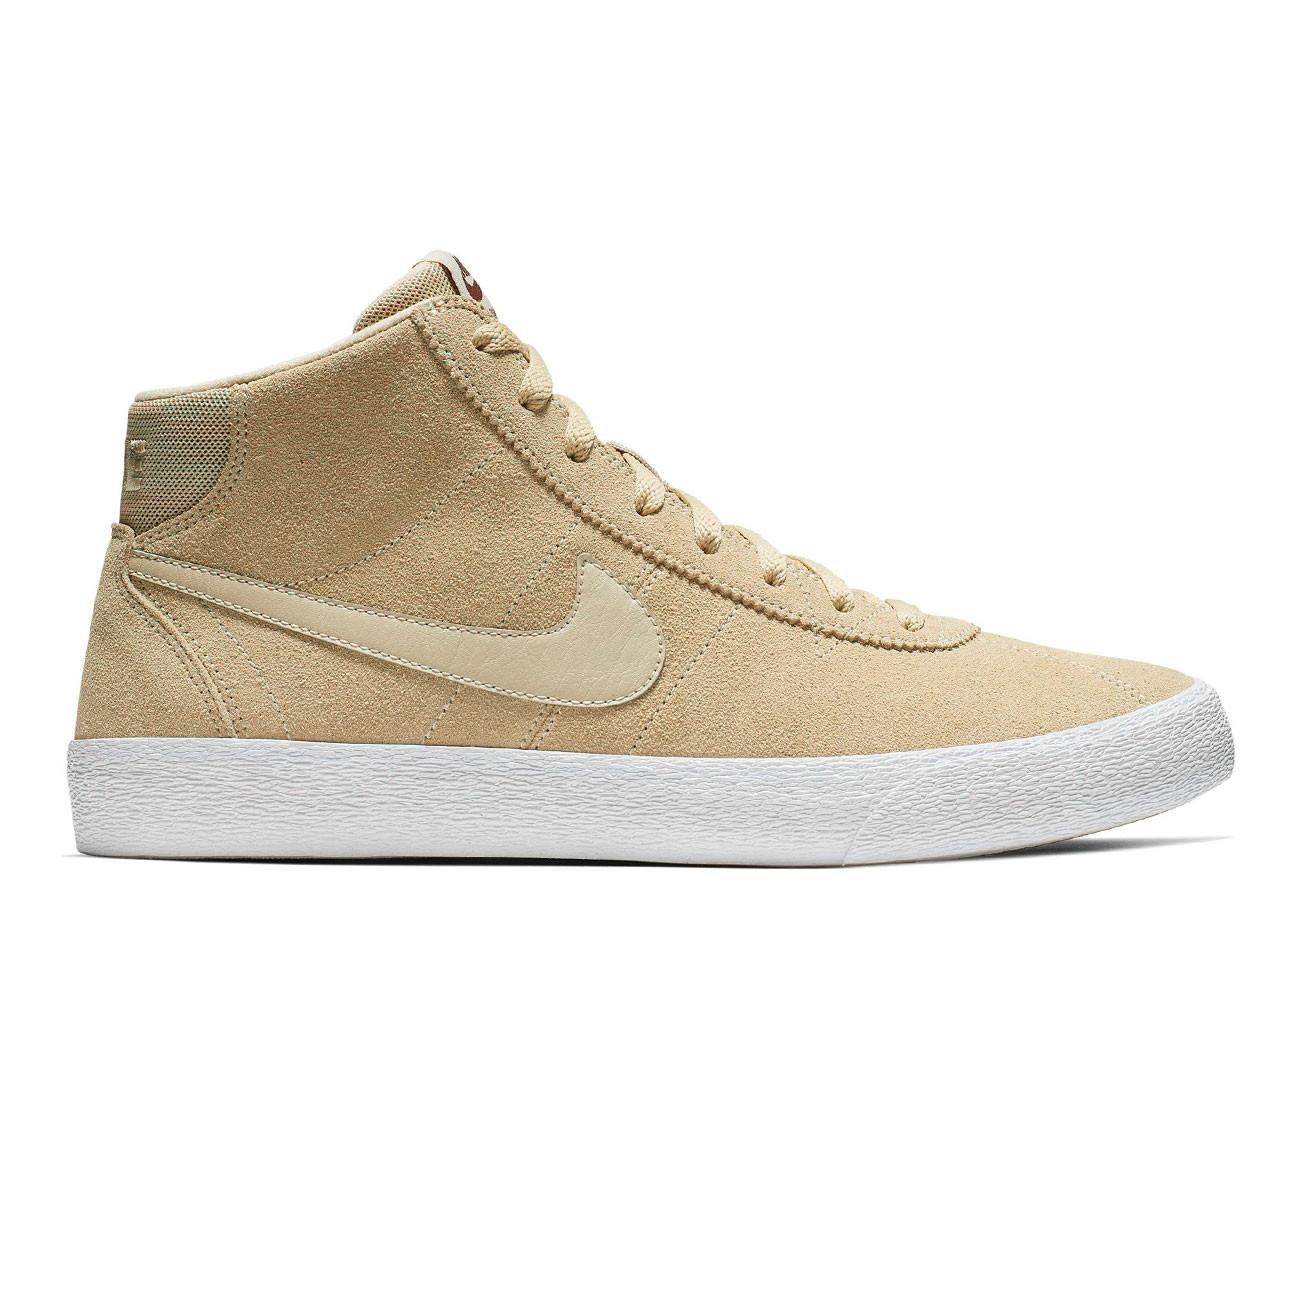 Sneakers Nike SB Bruin Hi desert ore